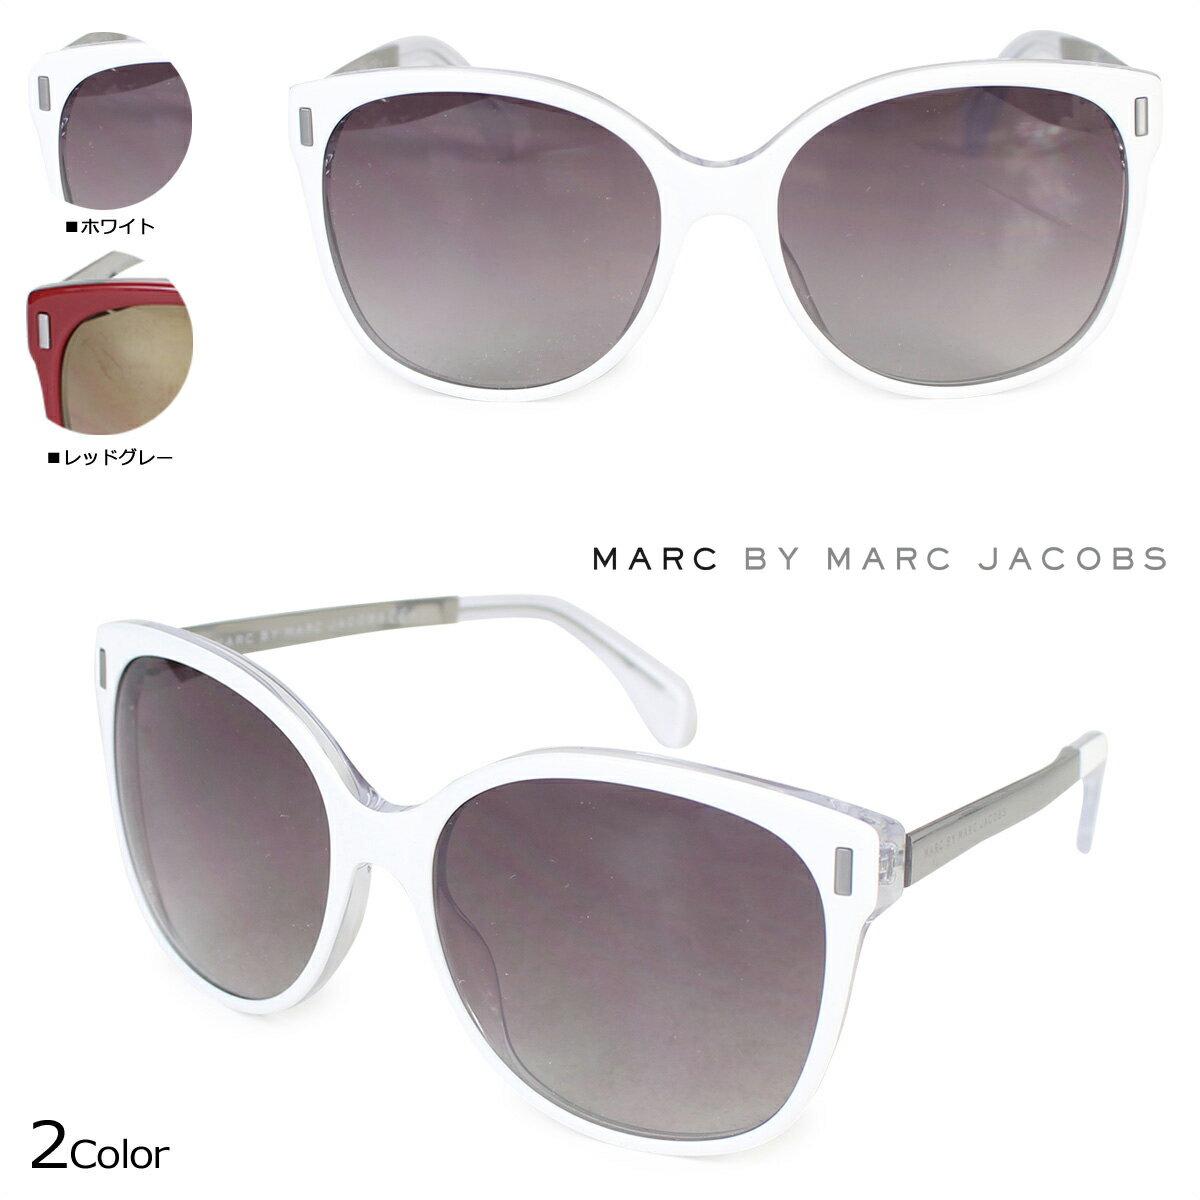 MARC BY MARC JACOBS マーク バイ マーク ジェイコブス サングラス レディース UVカット MMJ464/S ホワイト レッドグレー